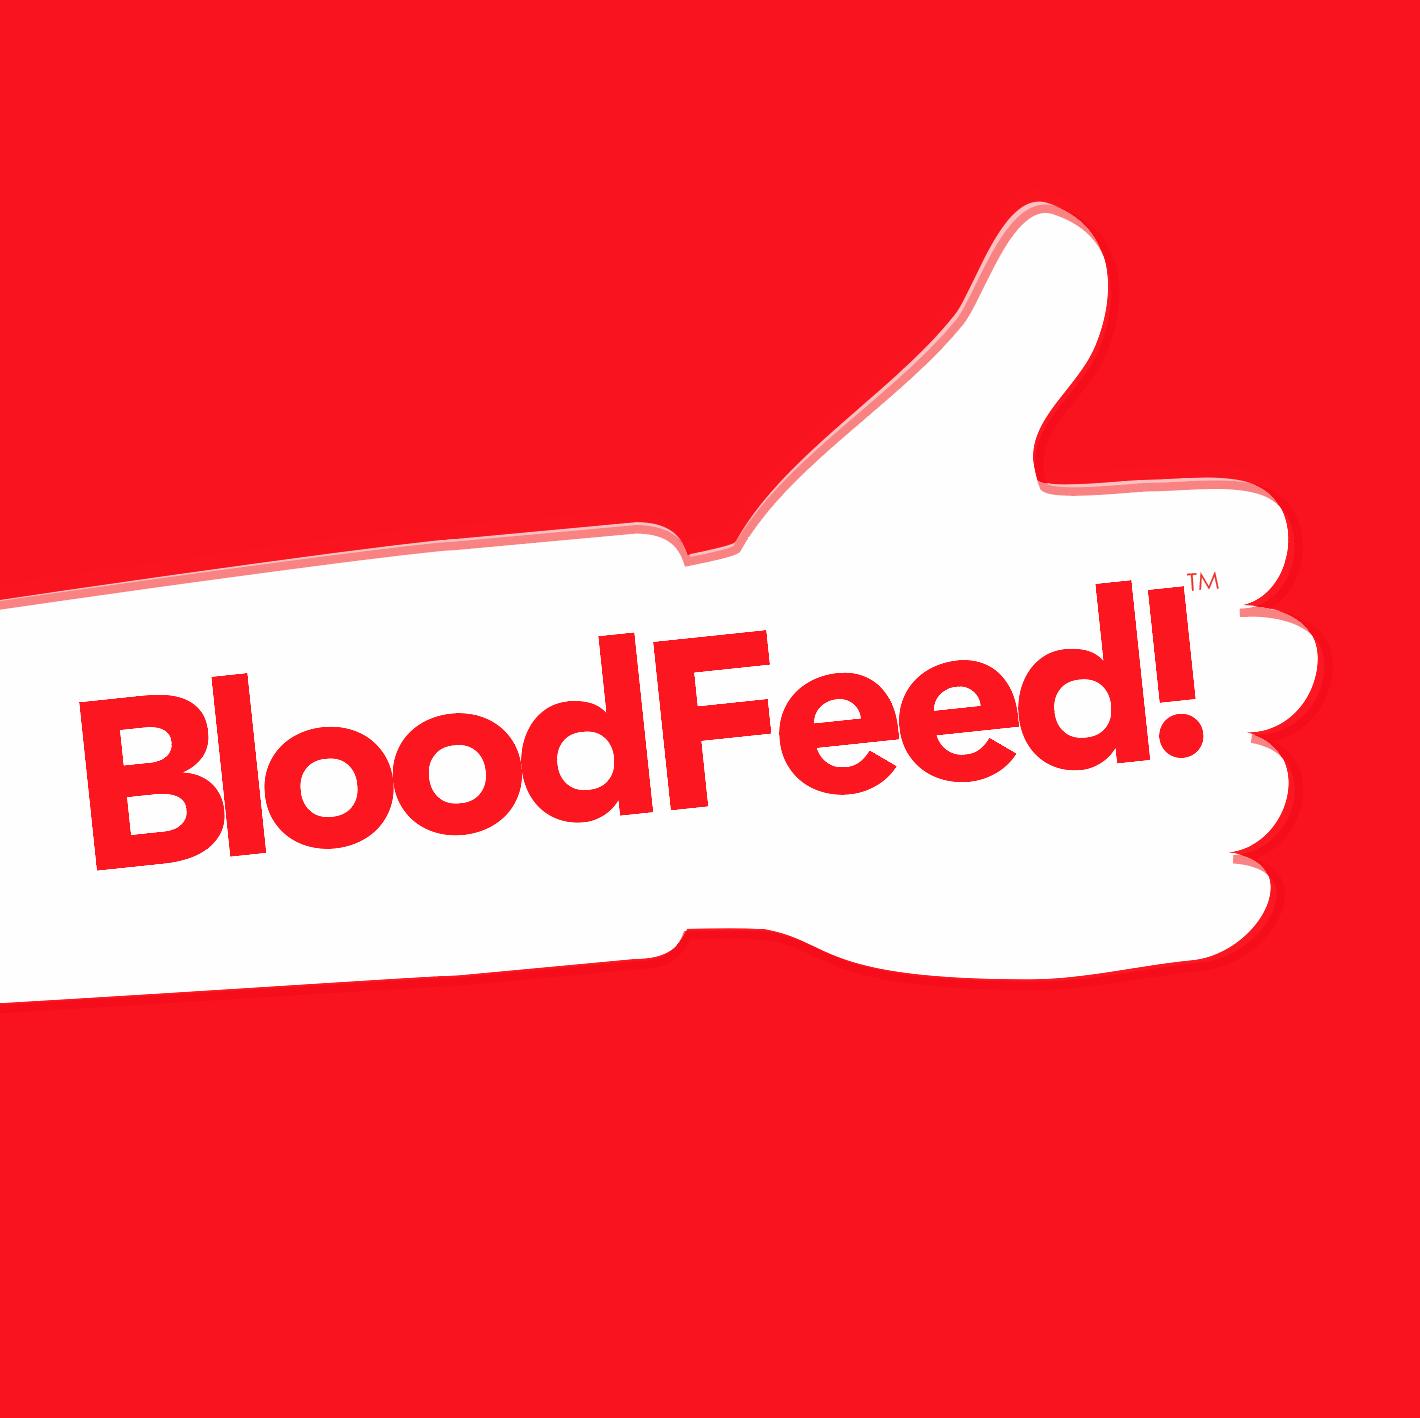 Logos 1 - bloodfeed logo.png